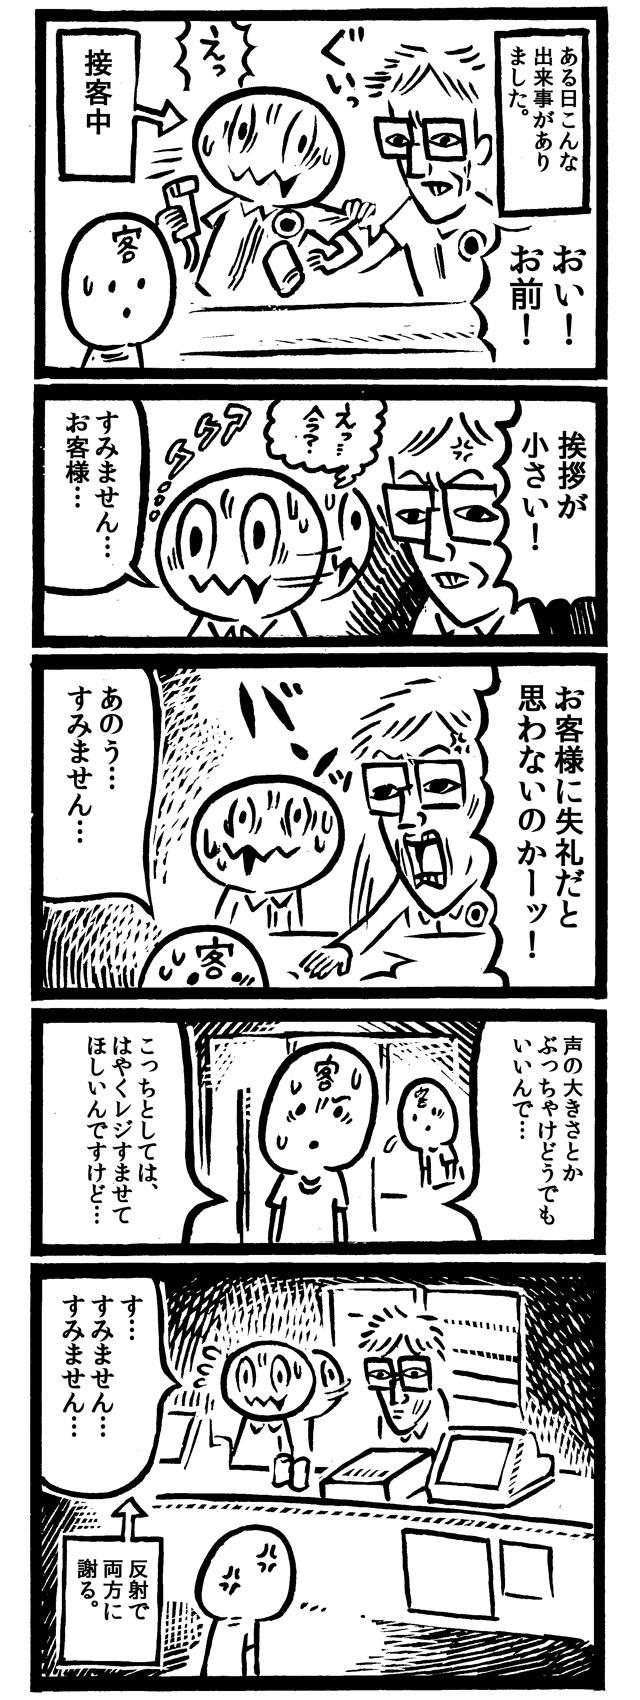 f:id:kakijiro:20150708185506j:plain